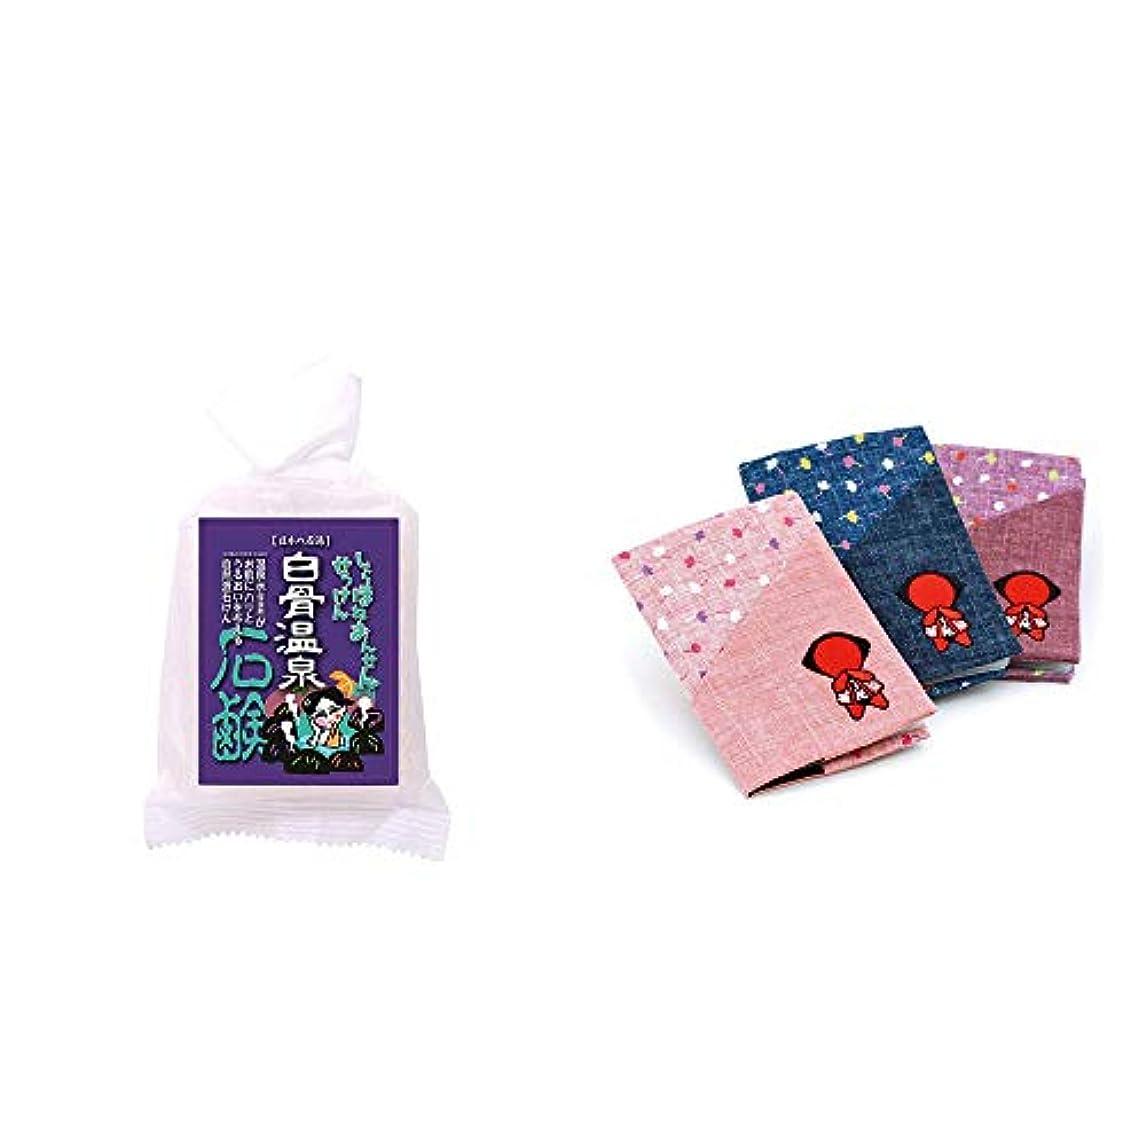 リーンシンポジウム提案する[2点セット] 信州 白骨温泉石鹸(80g)?おねがいさるぼぼ カードケース【ピンク】